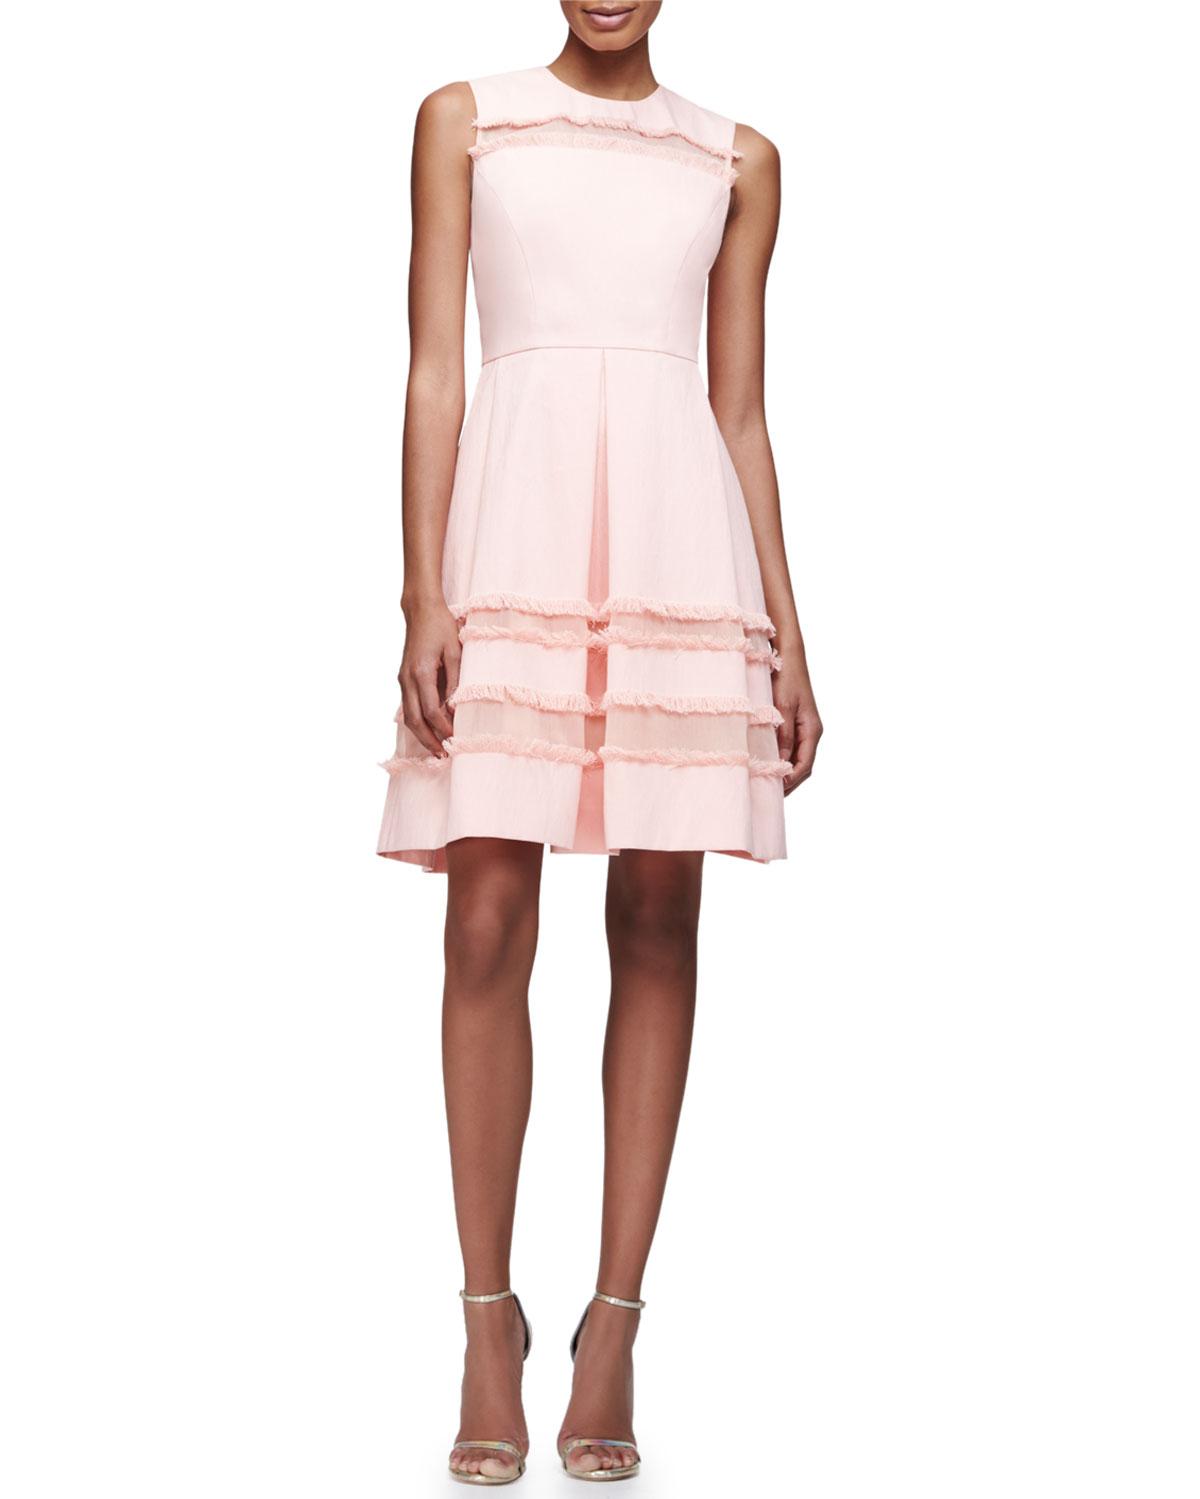 Grace Full-Skirt Fringe-Trim Dress, Blush